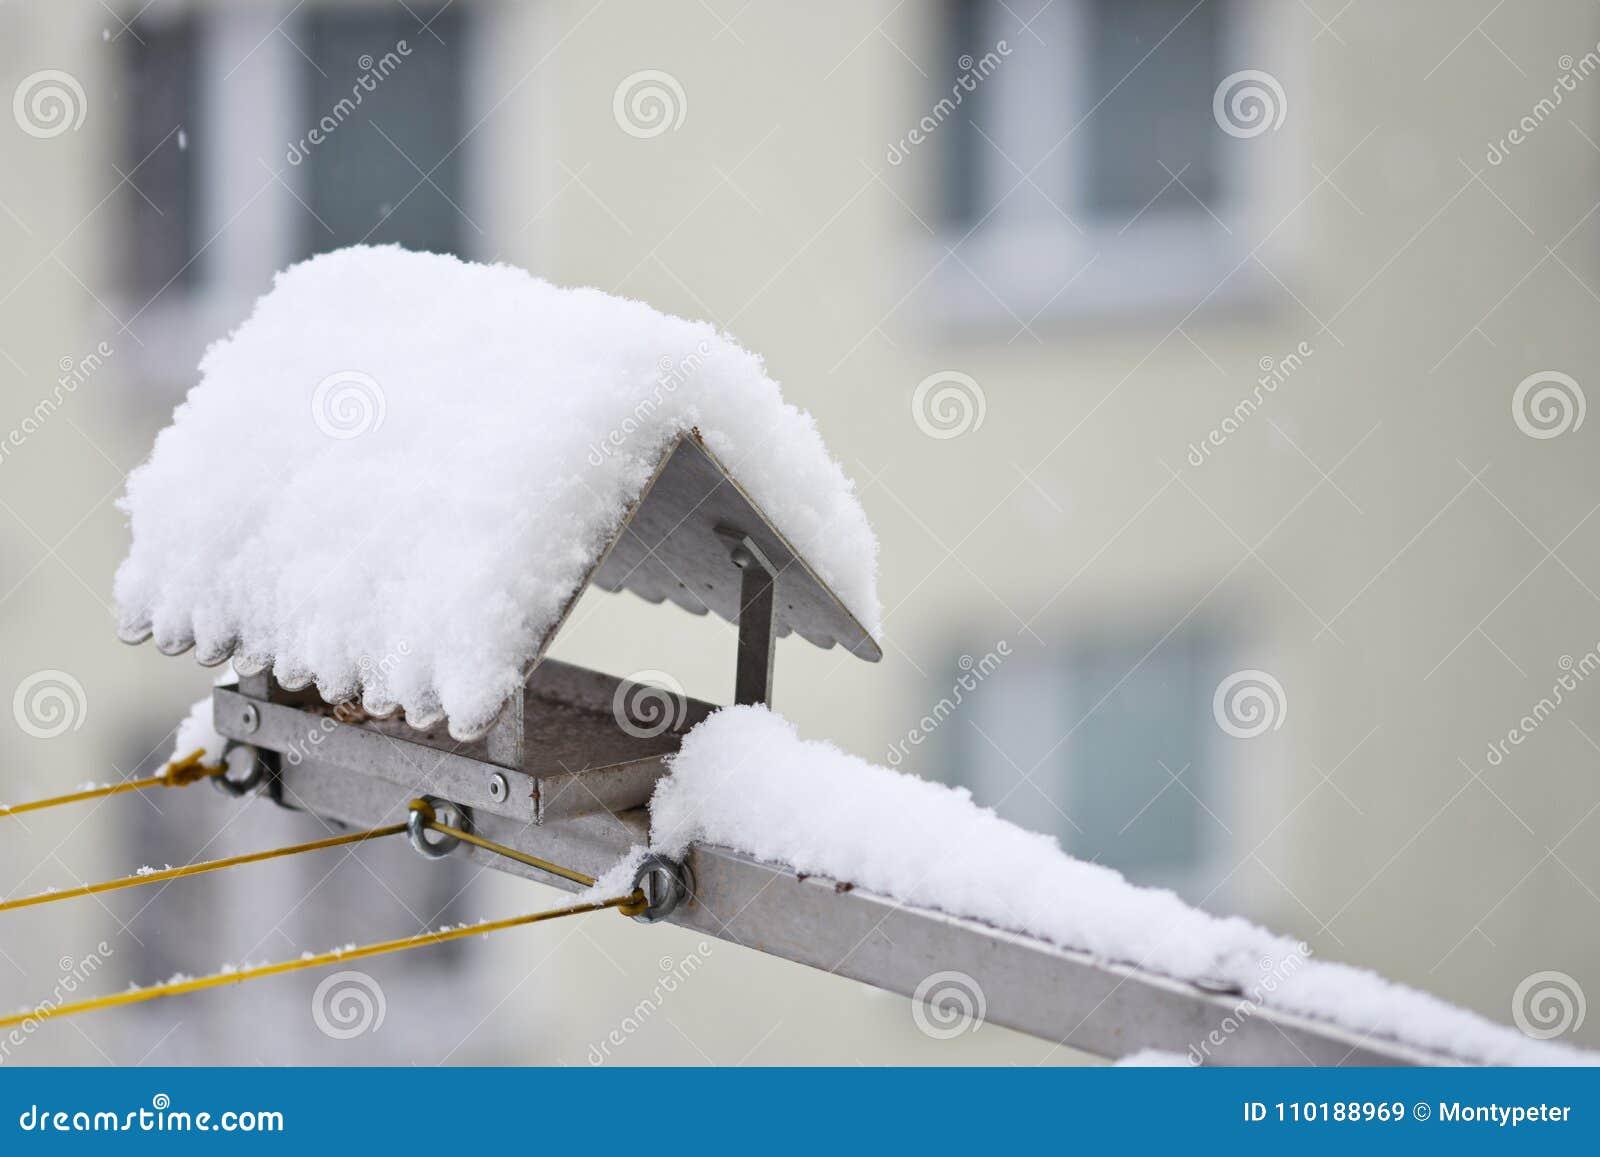 Een Winters Balkon : Vogelvoeder in de winter met sneeuw huis op het balkon stock